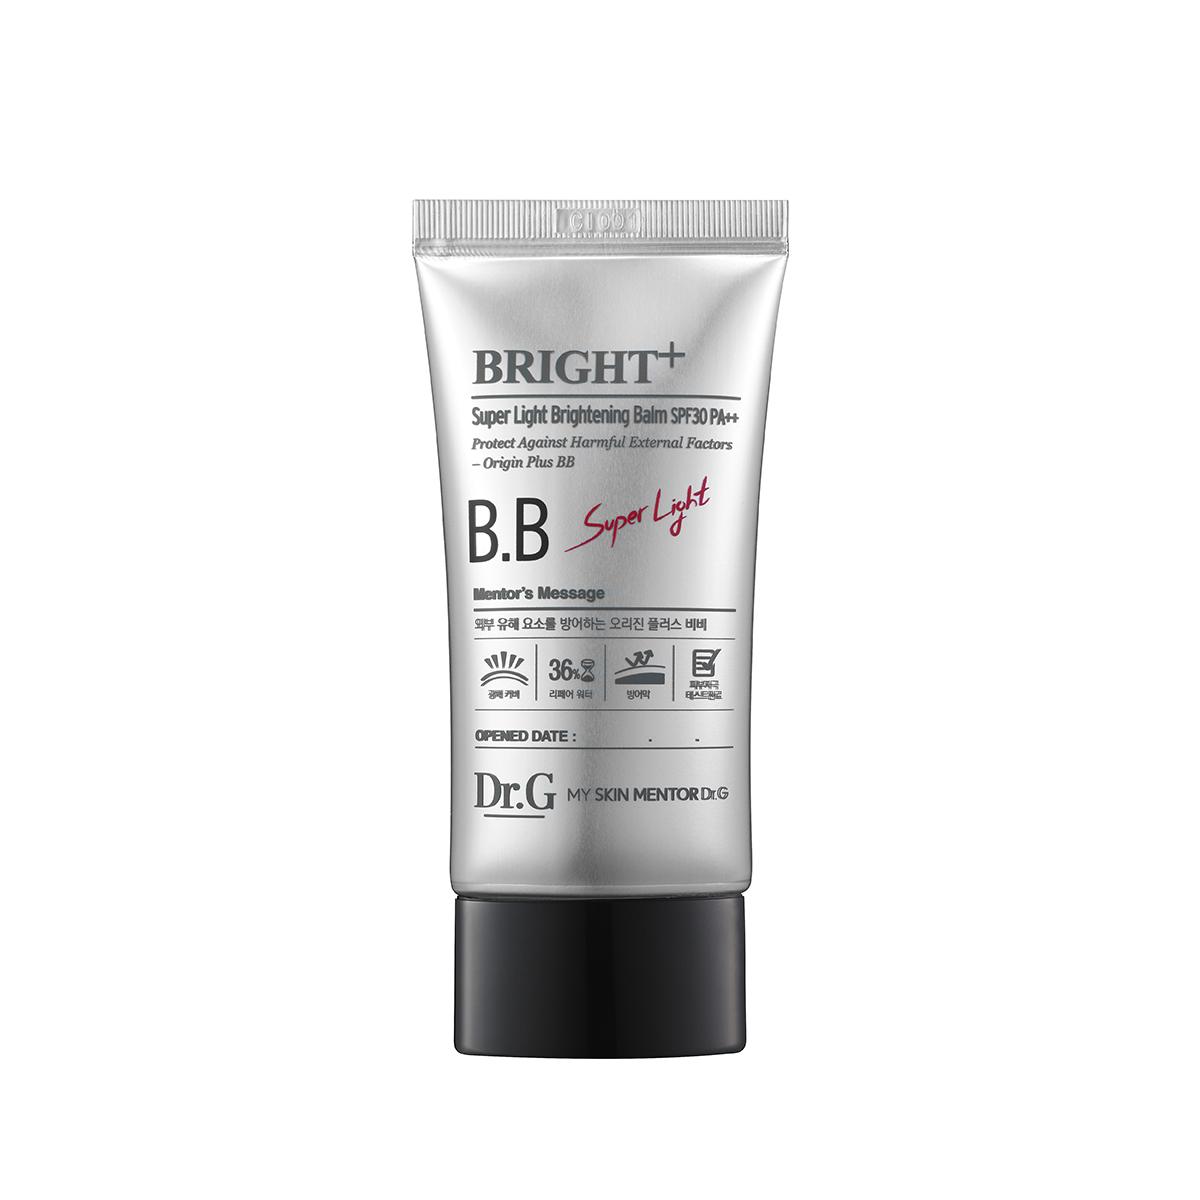 Dr. G ББ крем увлажняющий легкий SPF30 PA++ (#21), 45 млDG136322Гипоаллергенный солнцезащитный крем, укрепляющий здоровье кожи и защищающий от агрессивных факторов окружающей среды. Устраняет пигментацию, маскирует красноту и раздражение, обладает увлажняющими свойствами. Легкий порошок Air-Light Powder создает ясное покрытие с едва уловимым блеском. Разглаживает кожу, сужает поры.